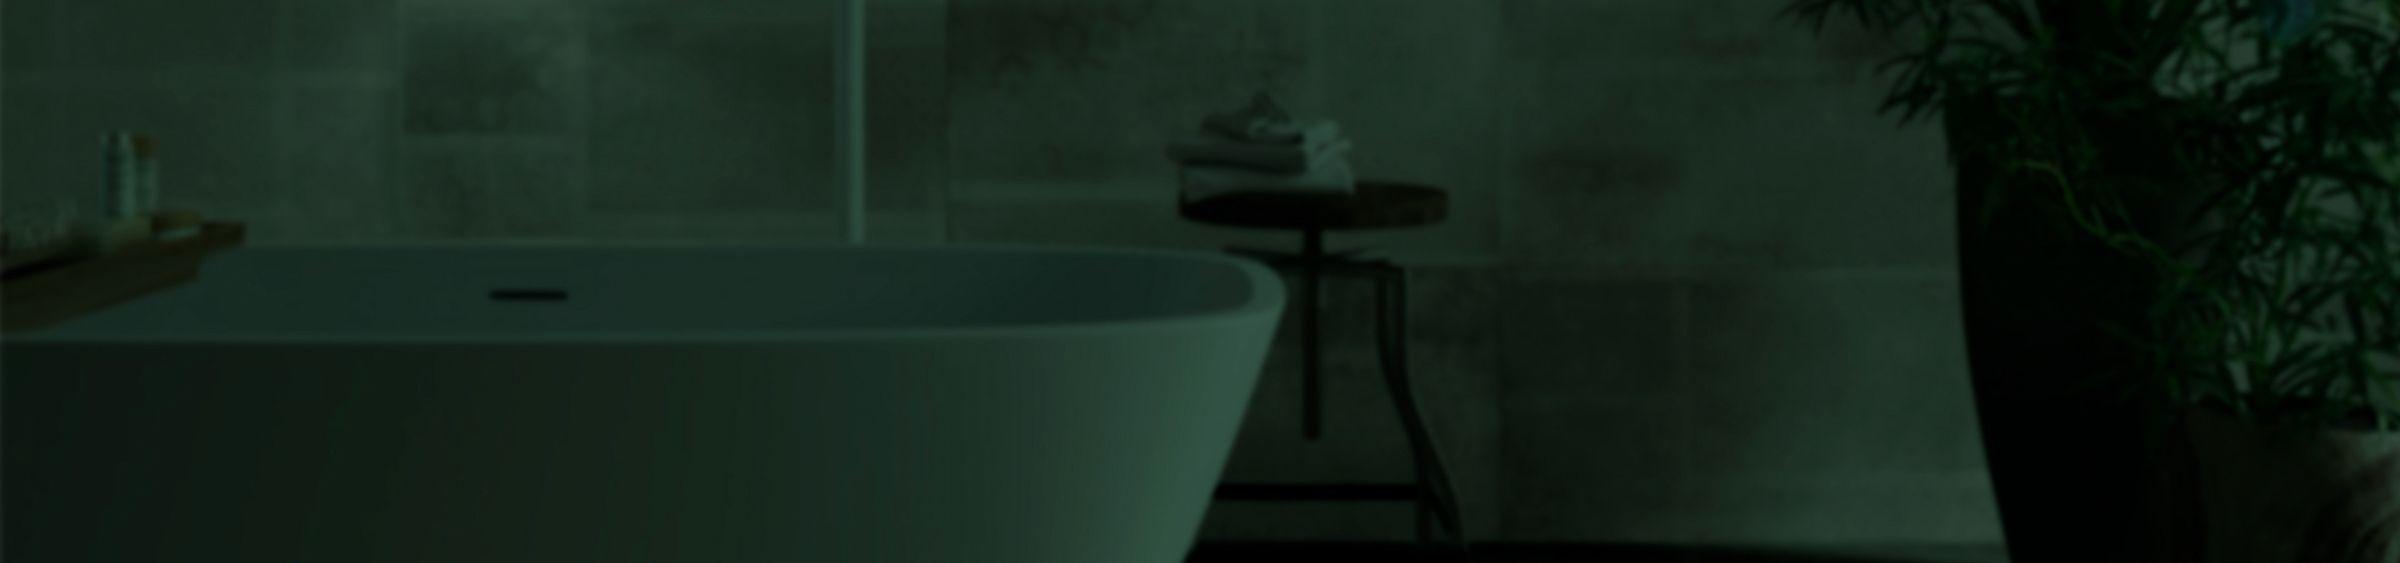 Verwarming in de badkamer - Banner - Welke trend stijlen passen bij u?